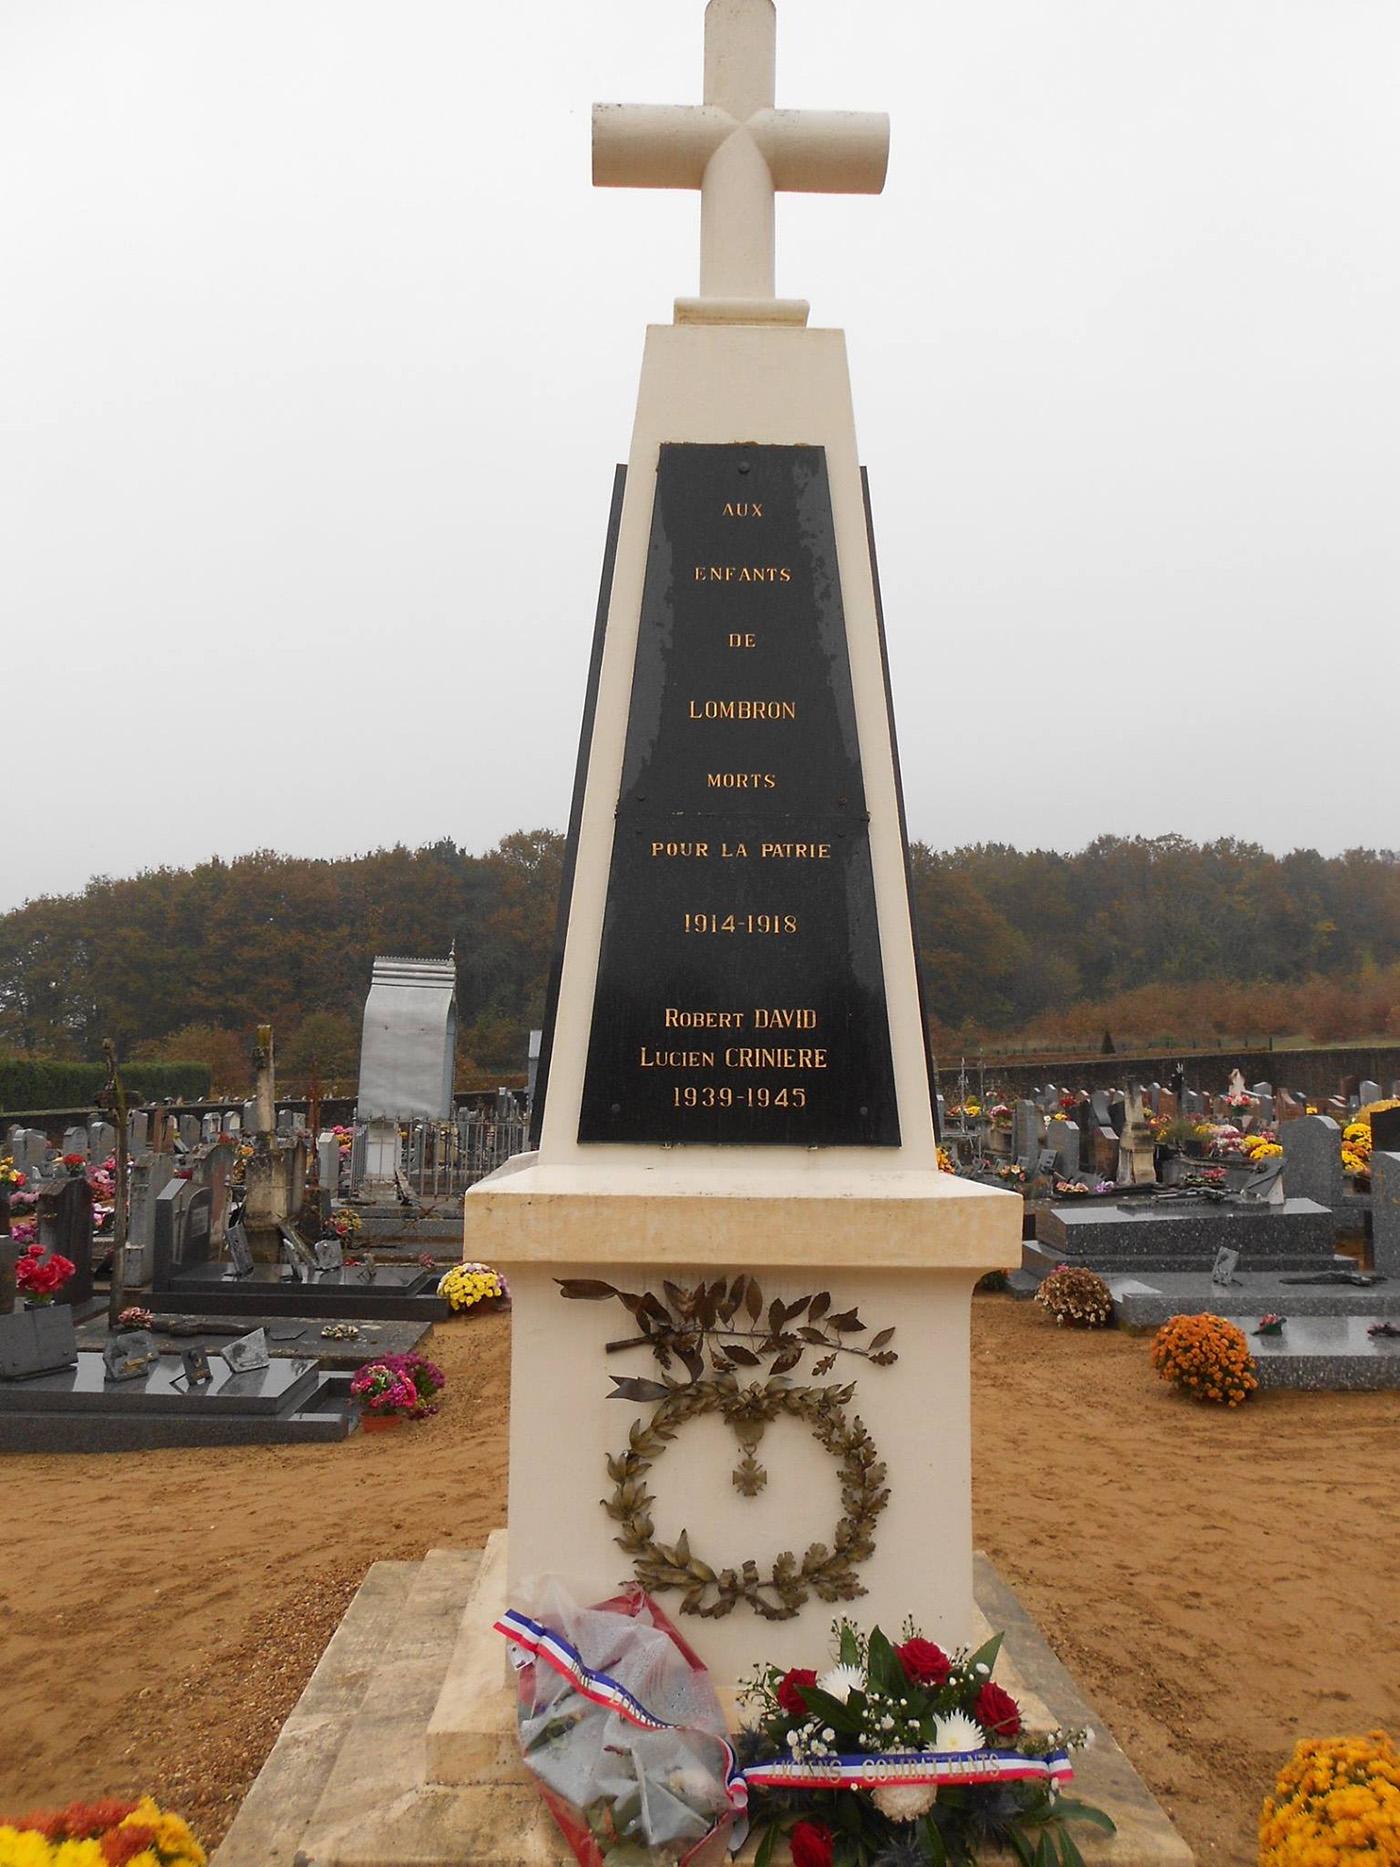 Lombron - Monument commémoratif - Aux enfants de Lombron morts pour la patrie 1914-1918 et 1939-1945 - Vue 01 (Romain Christopher Guillaume Lépine)